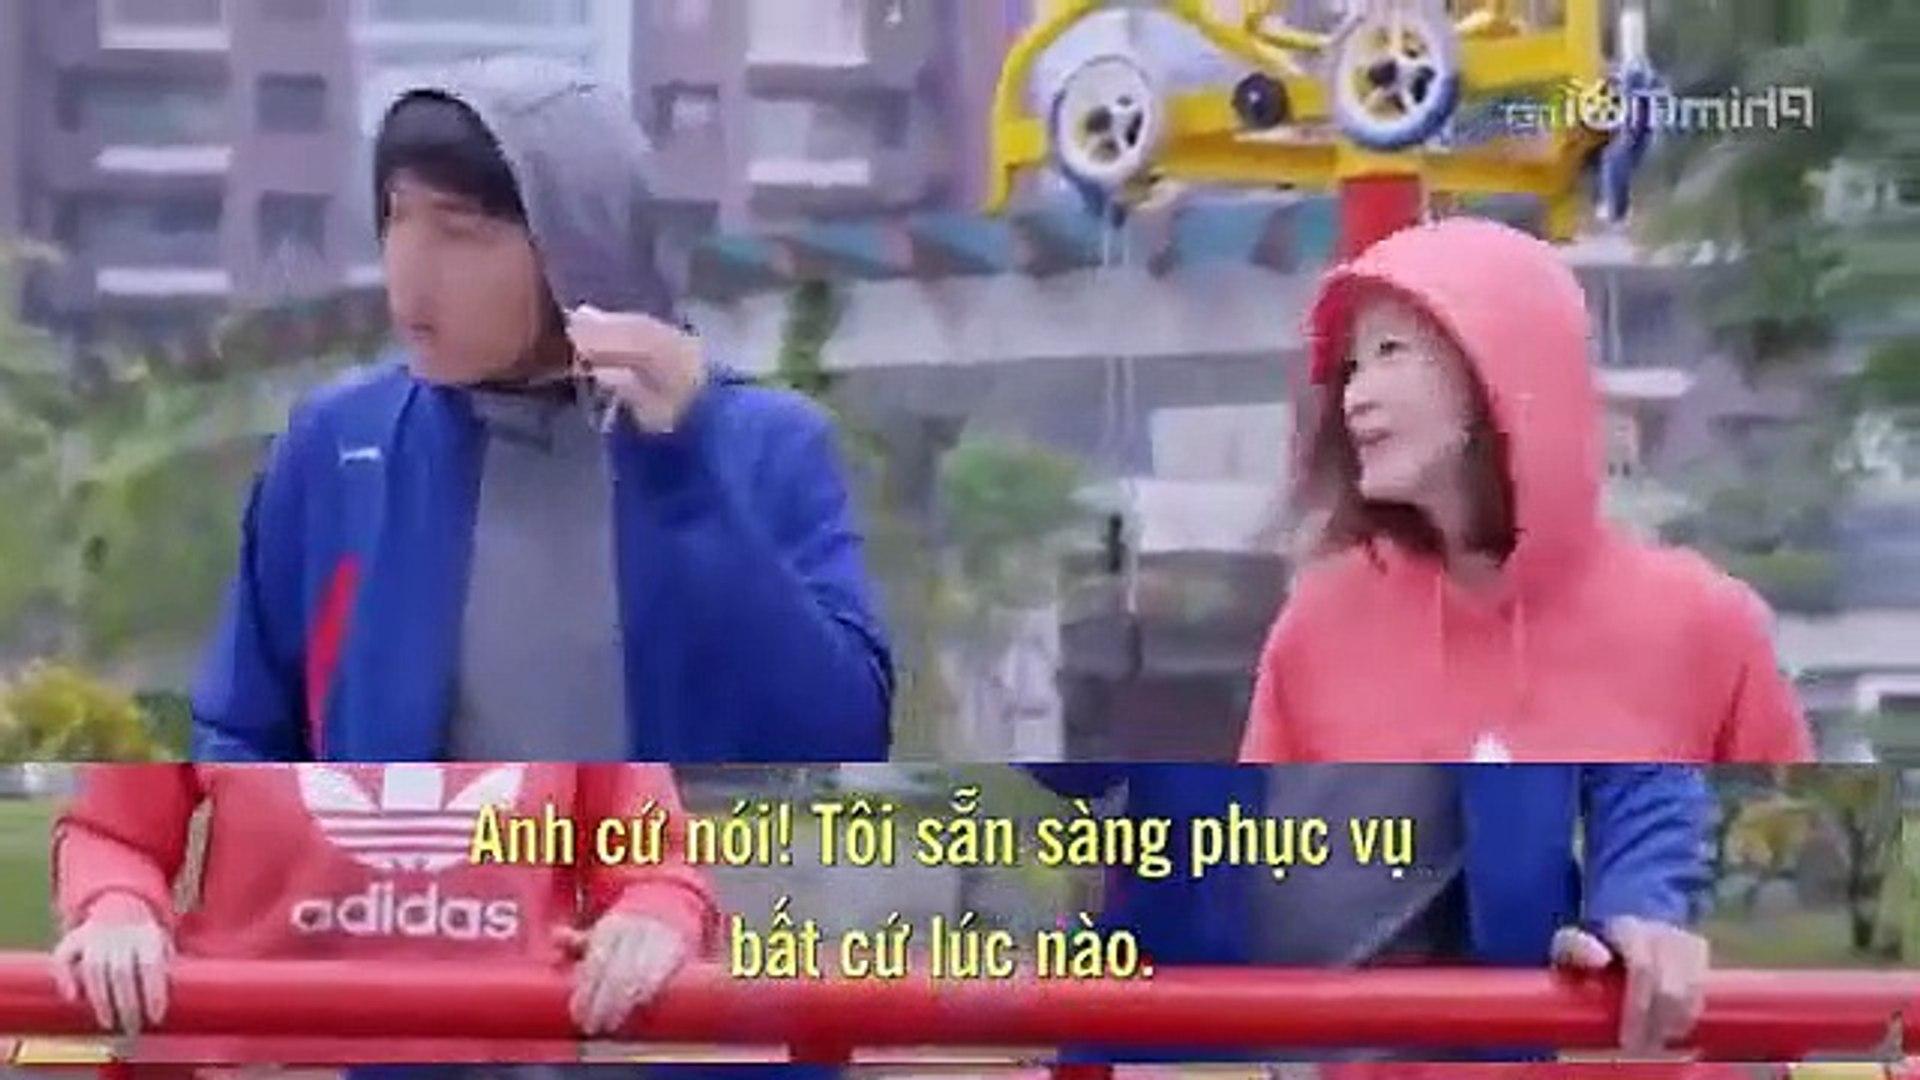 Những Cô Nàng Thời Đại Tập 18 - Phim Đài Loan - HTV7 Thuyết Minh - Phim Nhung Co Nang Thoi Dai Tap 1